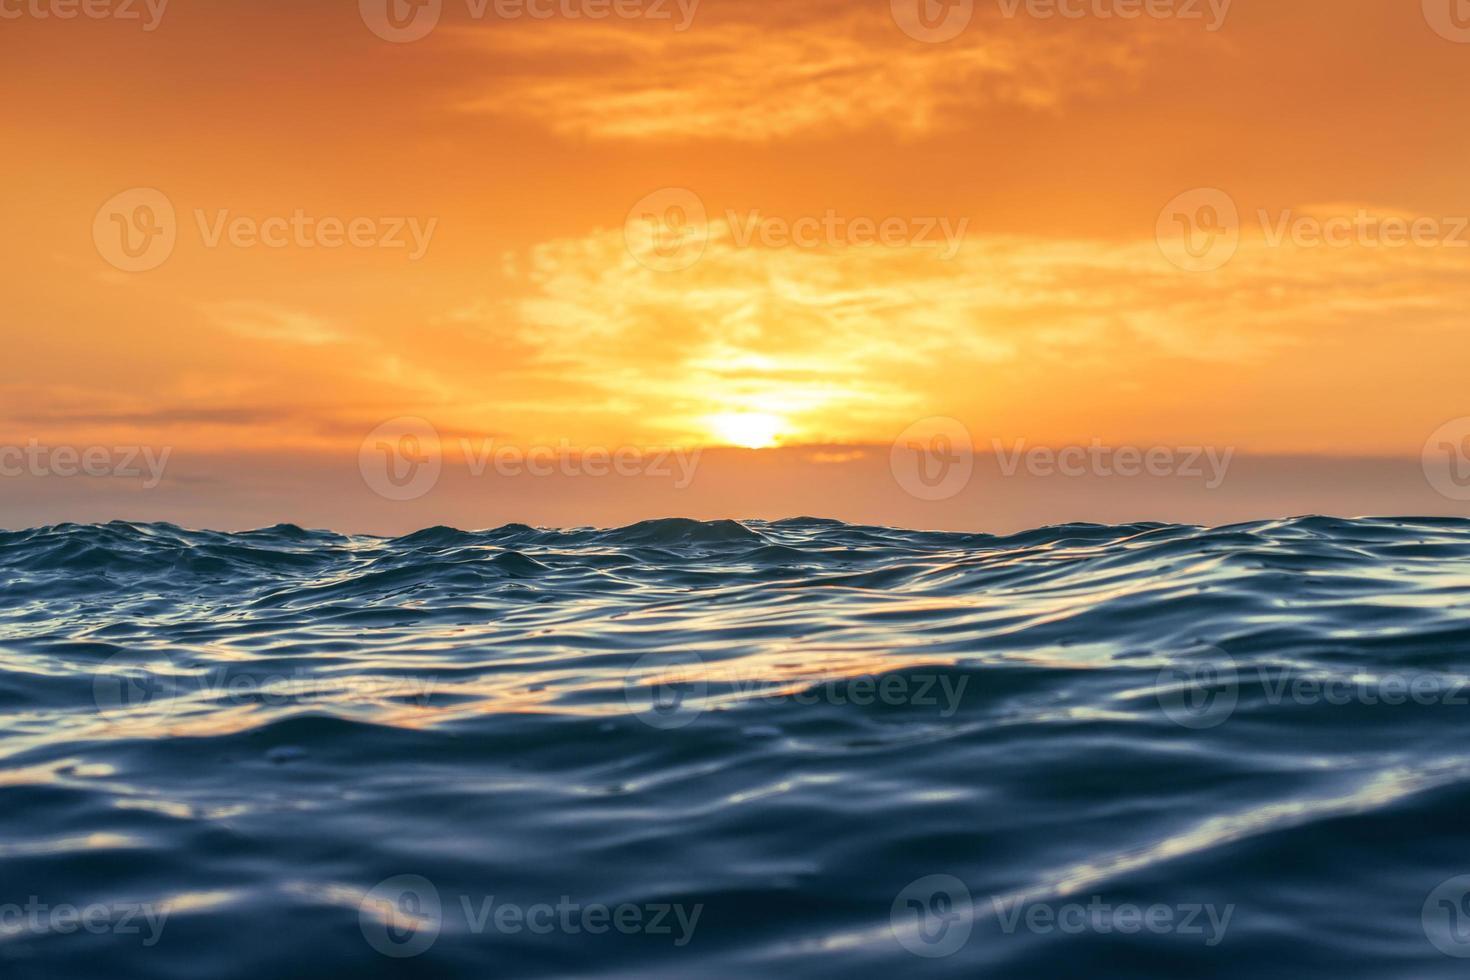 Sonnenaufgang und leuchtende Wellen im Ozean foto